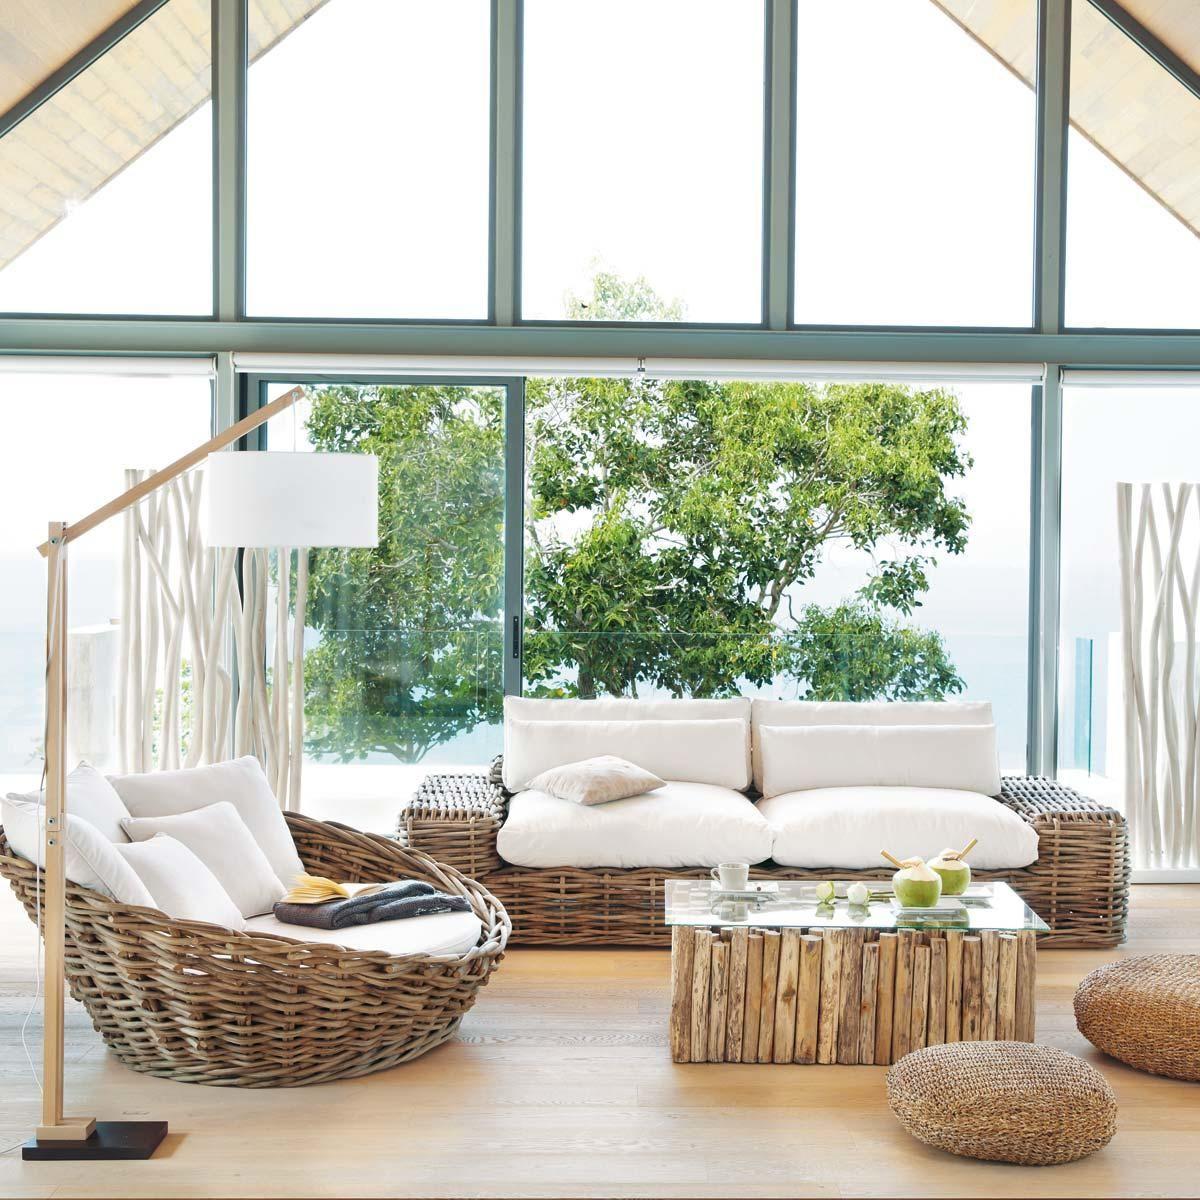 canap d 39 ext rieur rond 1 2 places rotin st tropez maisons du monde outdoor living garden. Black Bedroom Furniture Sets. Home Design Ideas